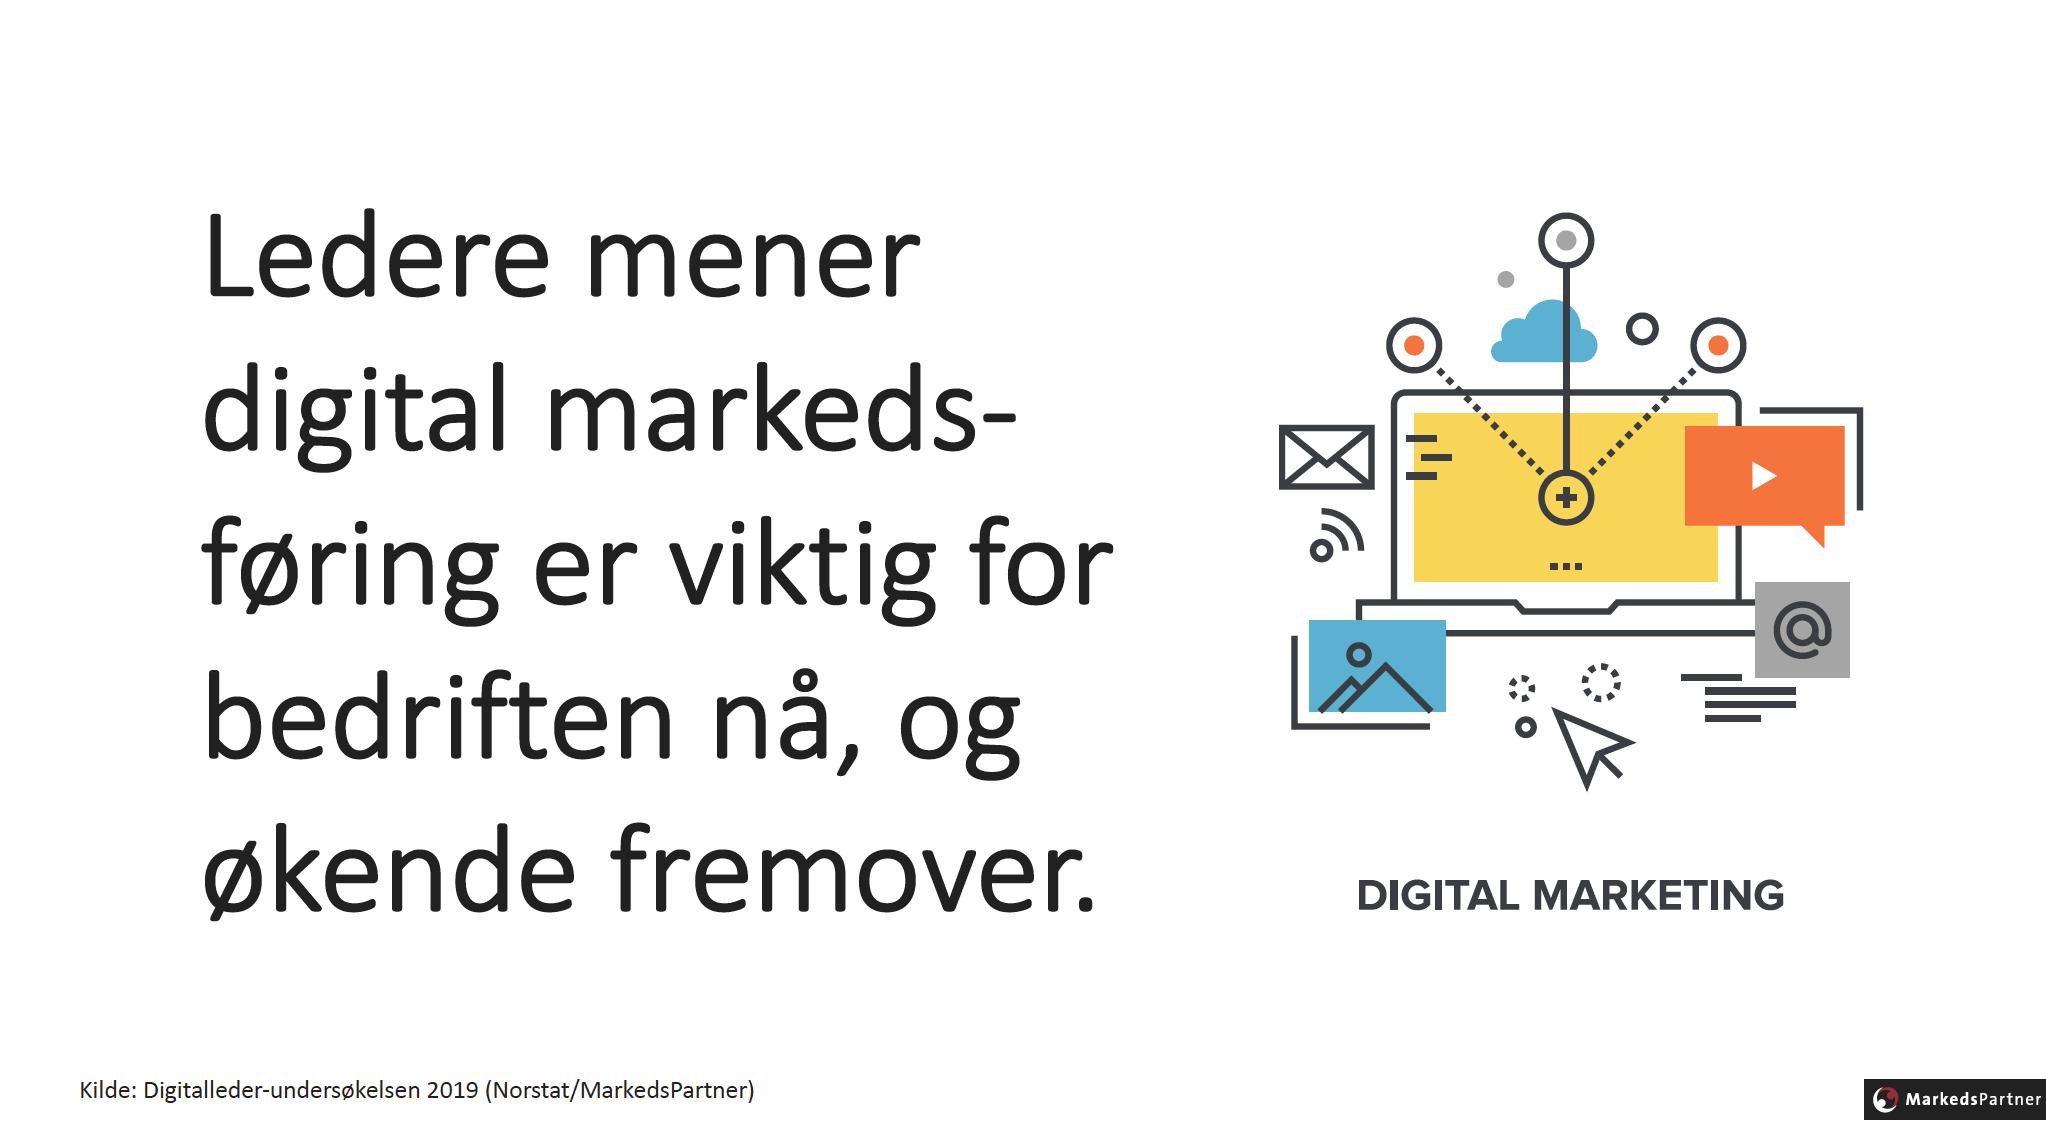 Digital markedsføring stadig viktigere